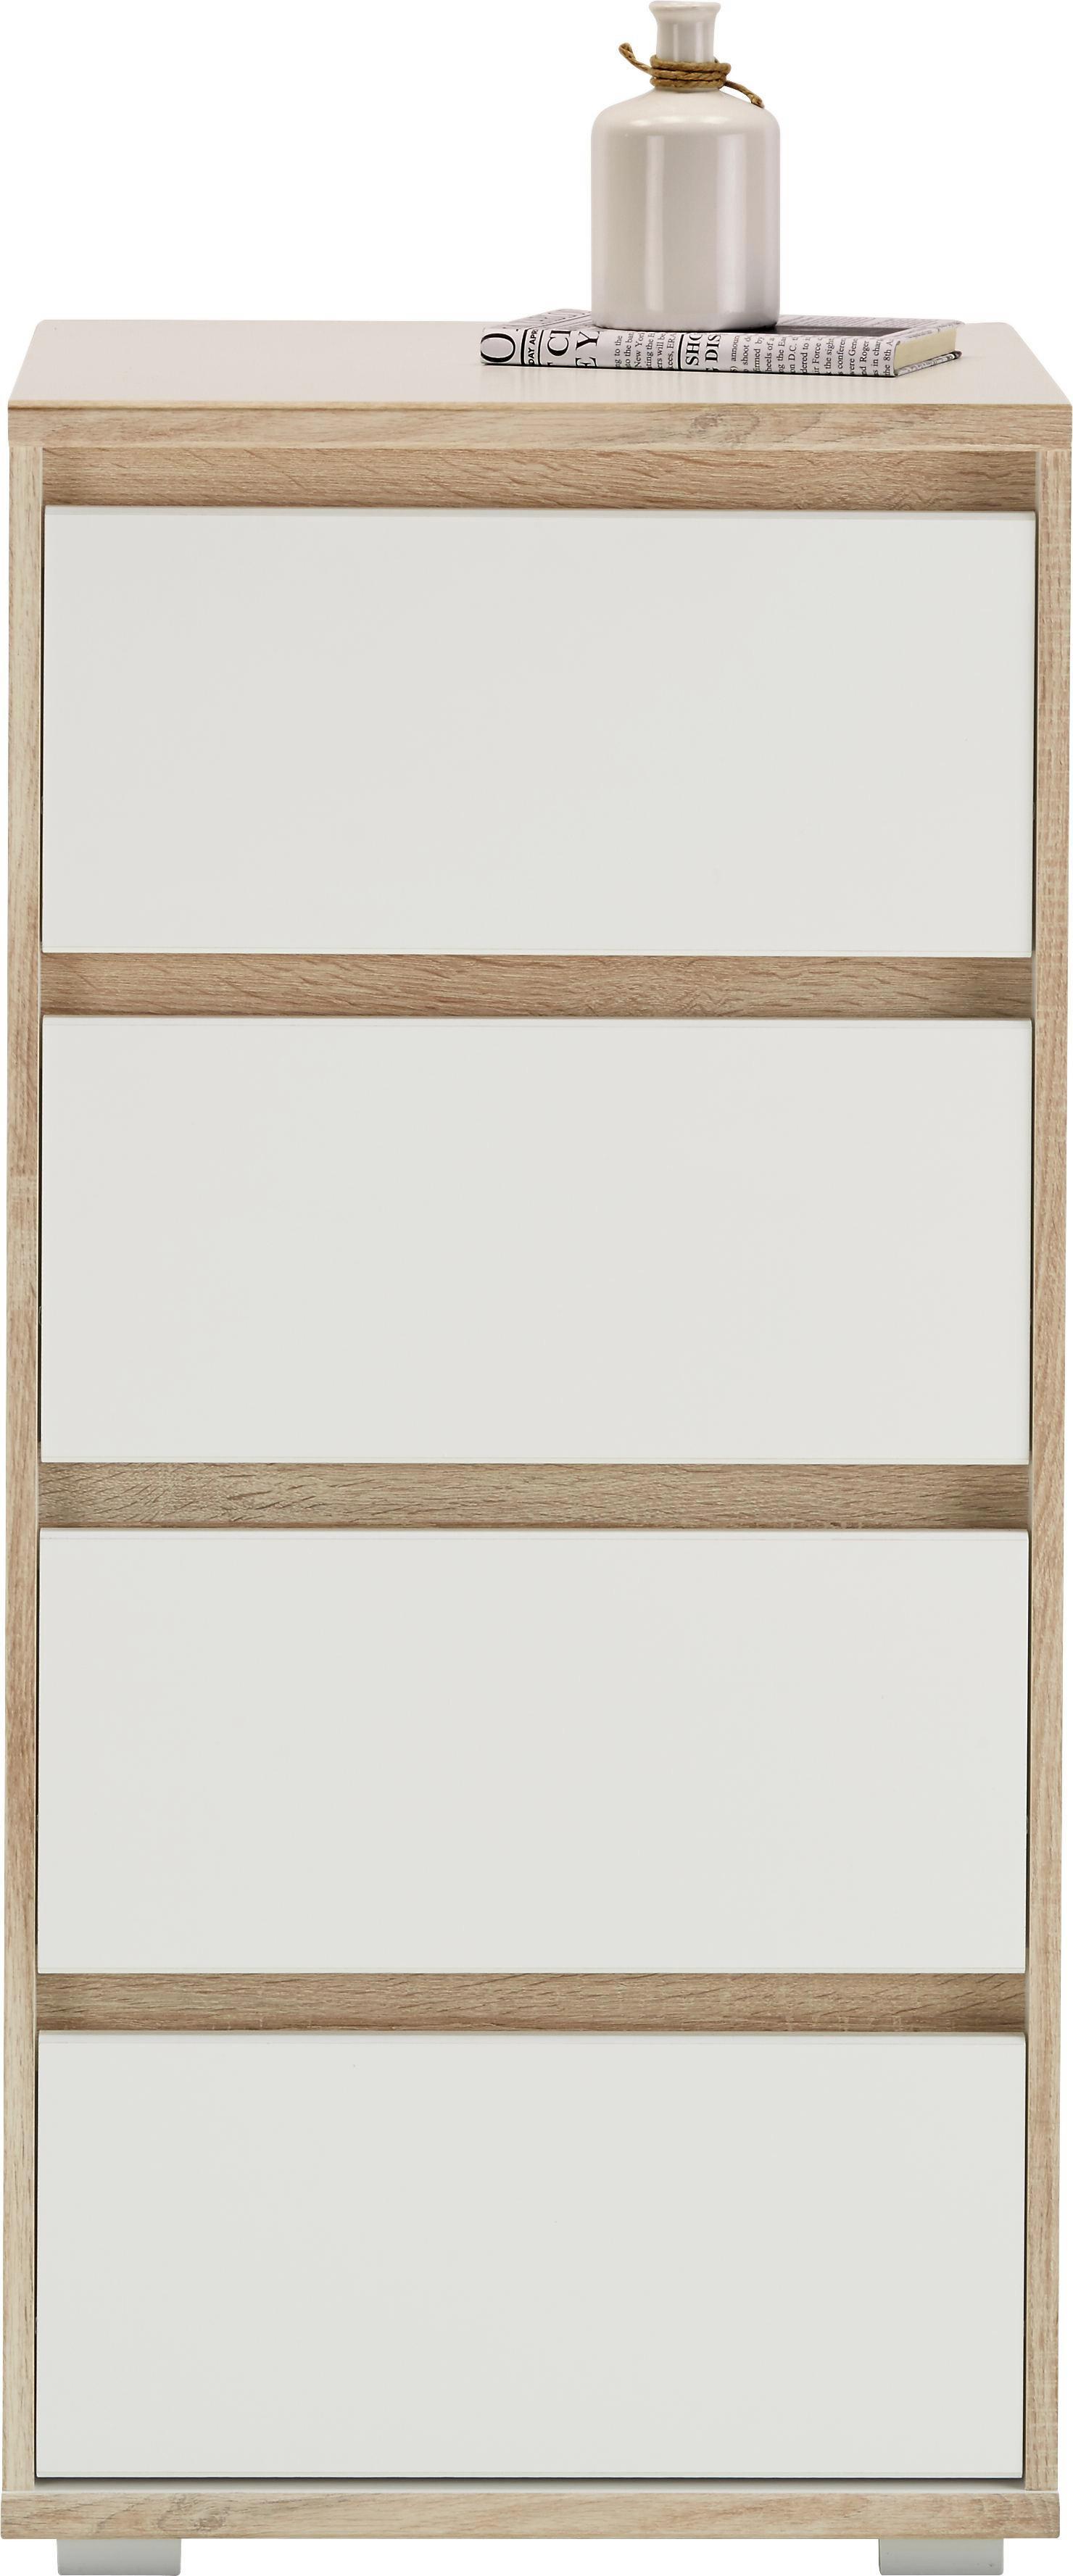 Kommode in Weiß - Silberfarben/Weiß, MODERN, Holzwerkstoff (50/103/48cm) - MÖMAX modern living